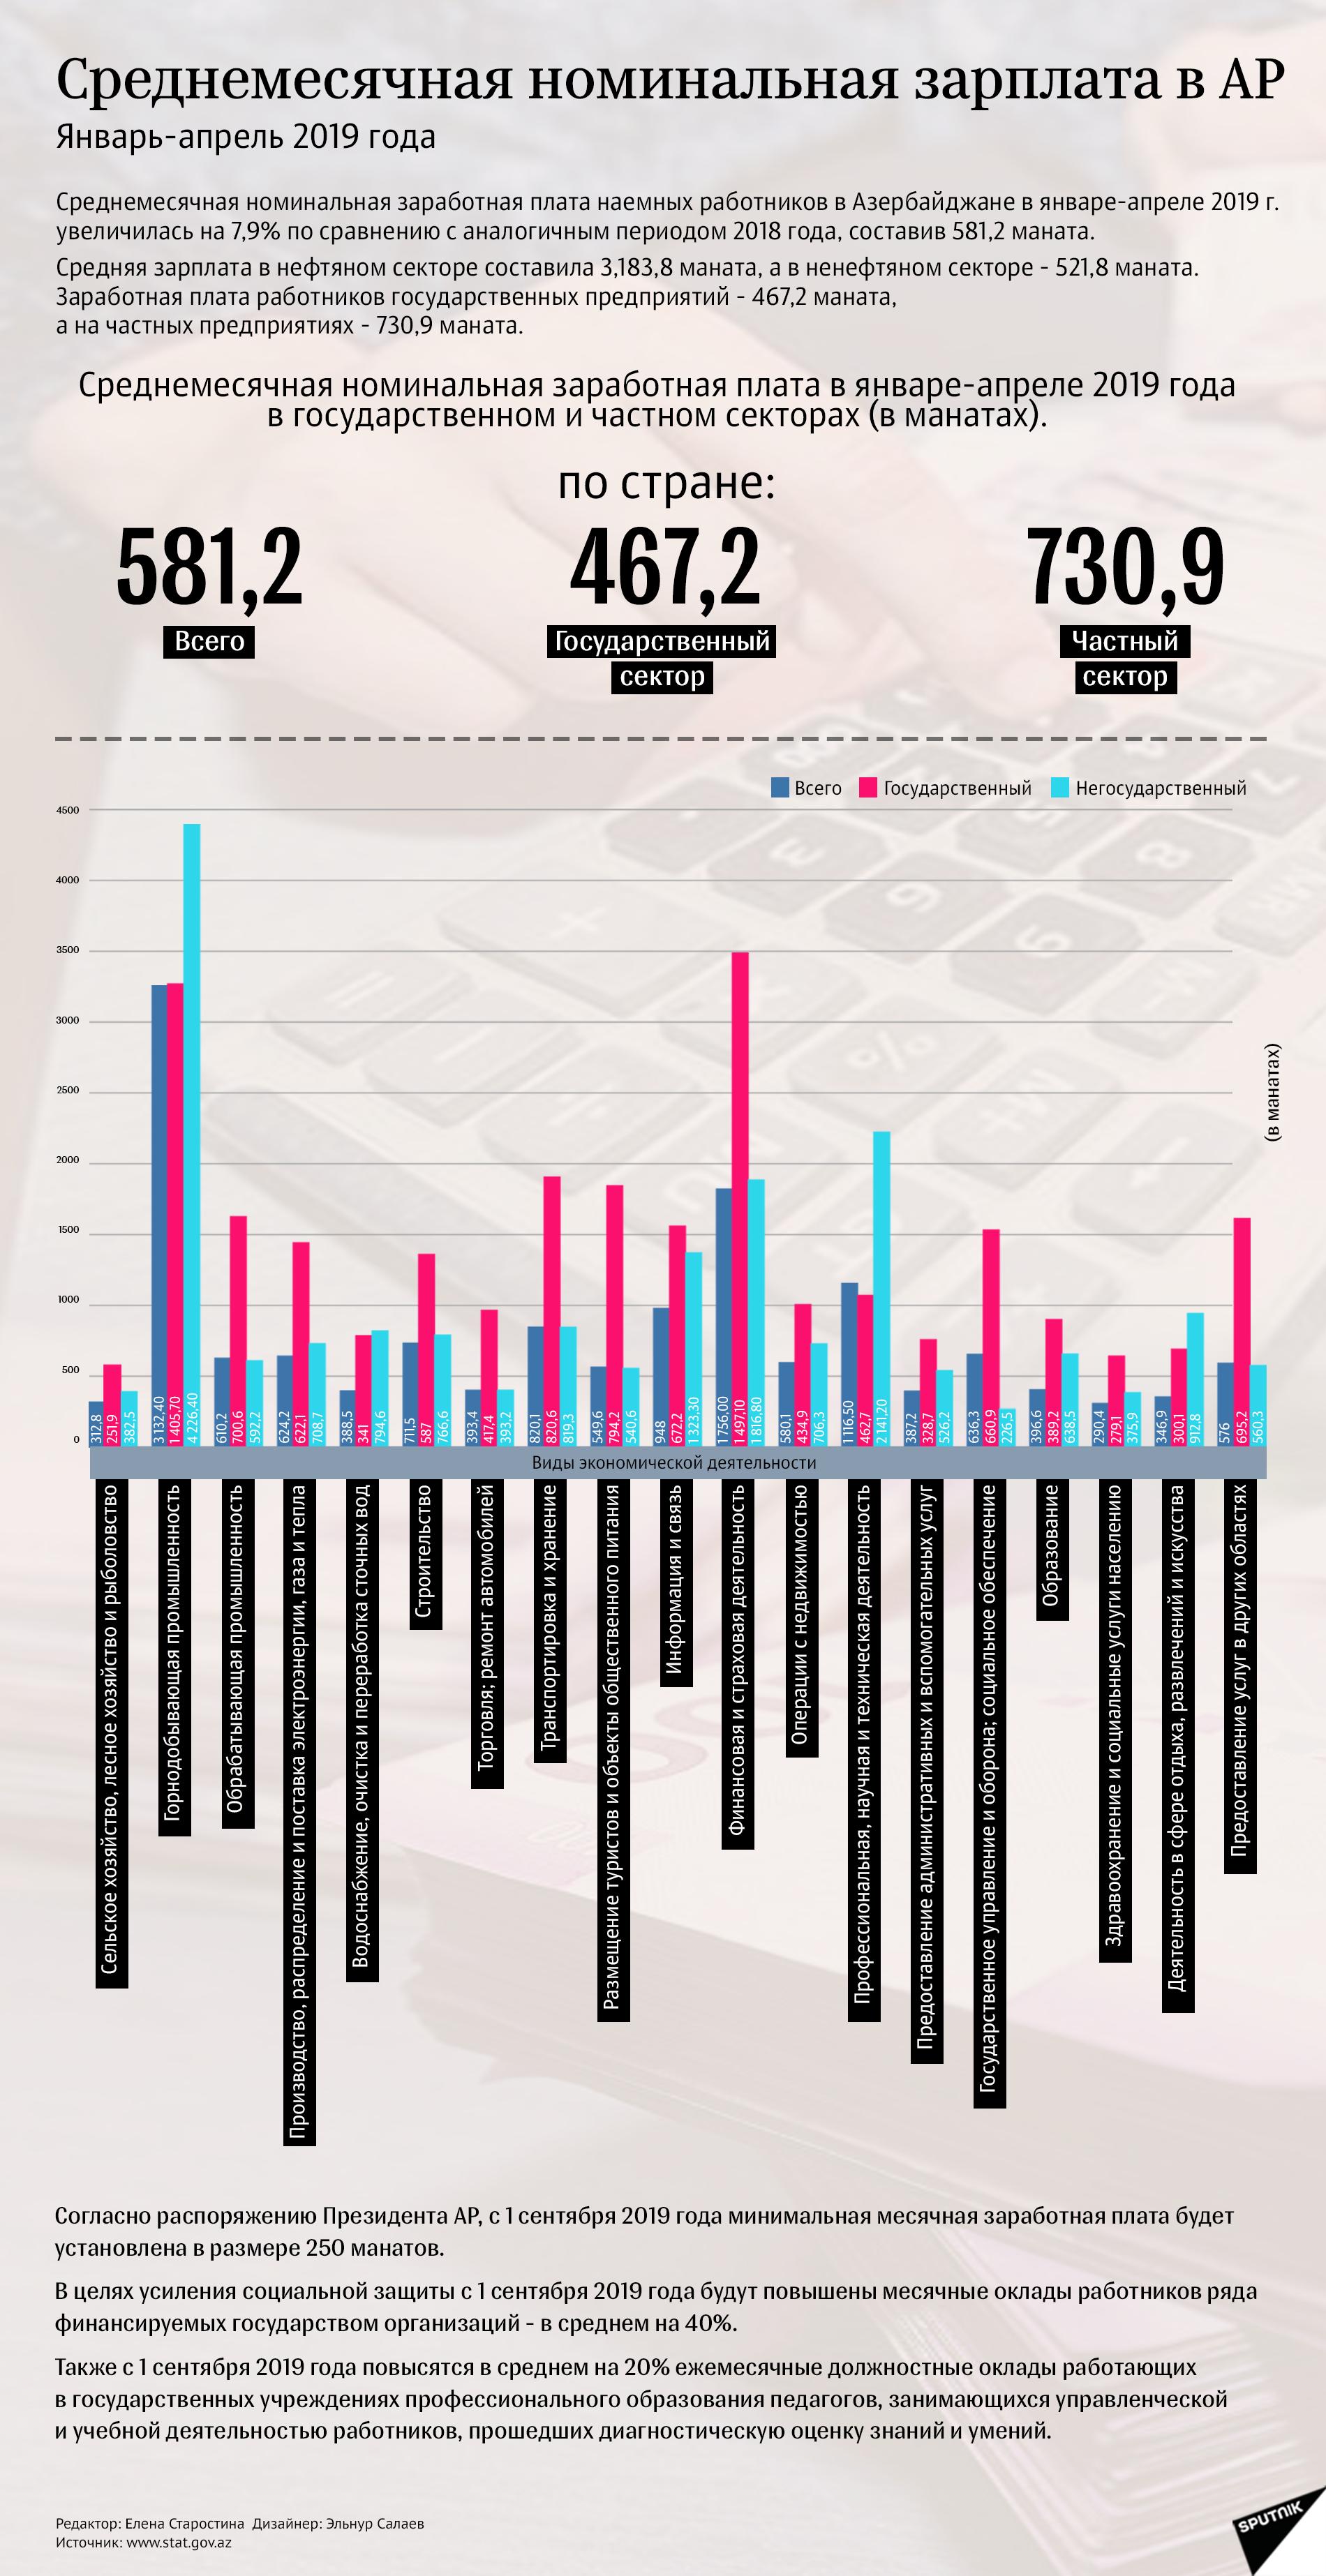 инфографика - Среднемесячная номинальная зарплата в АР - Sputnik Азербайджан